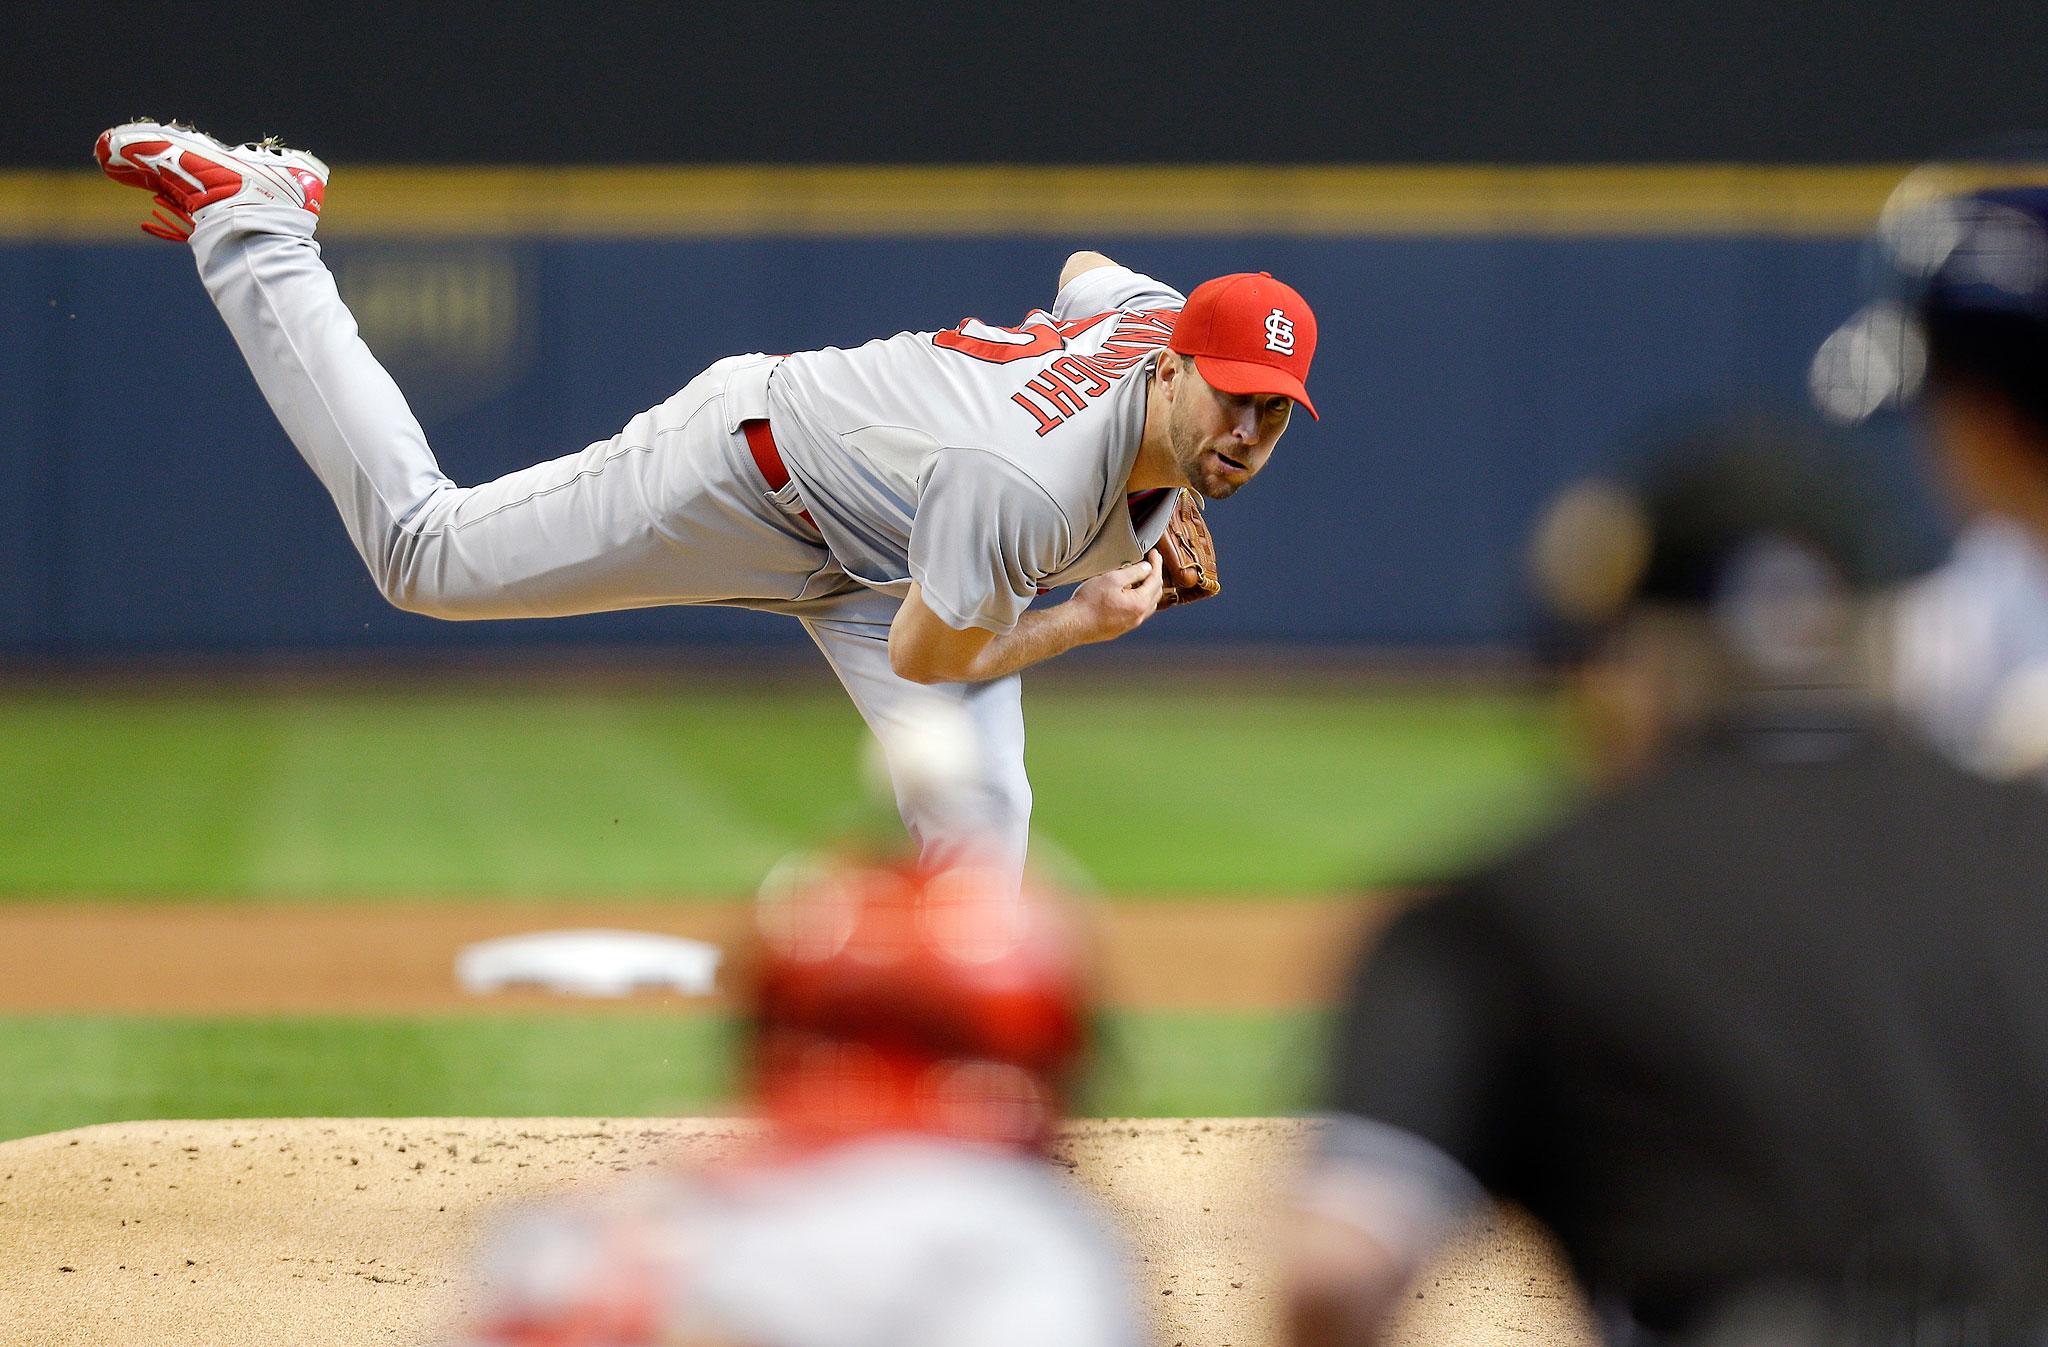 Pitcher: Adam Wainwright